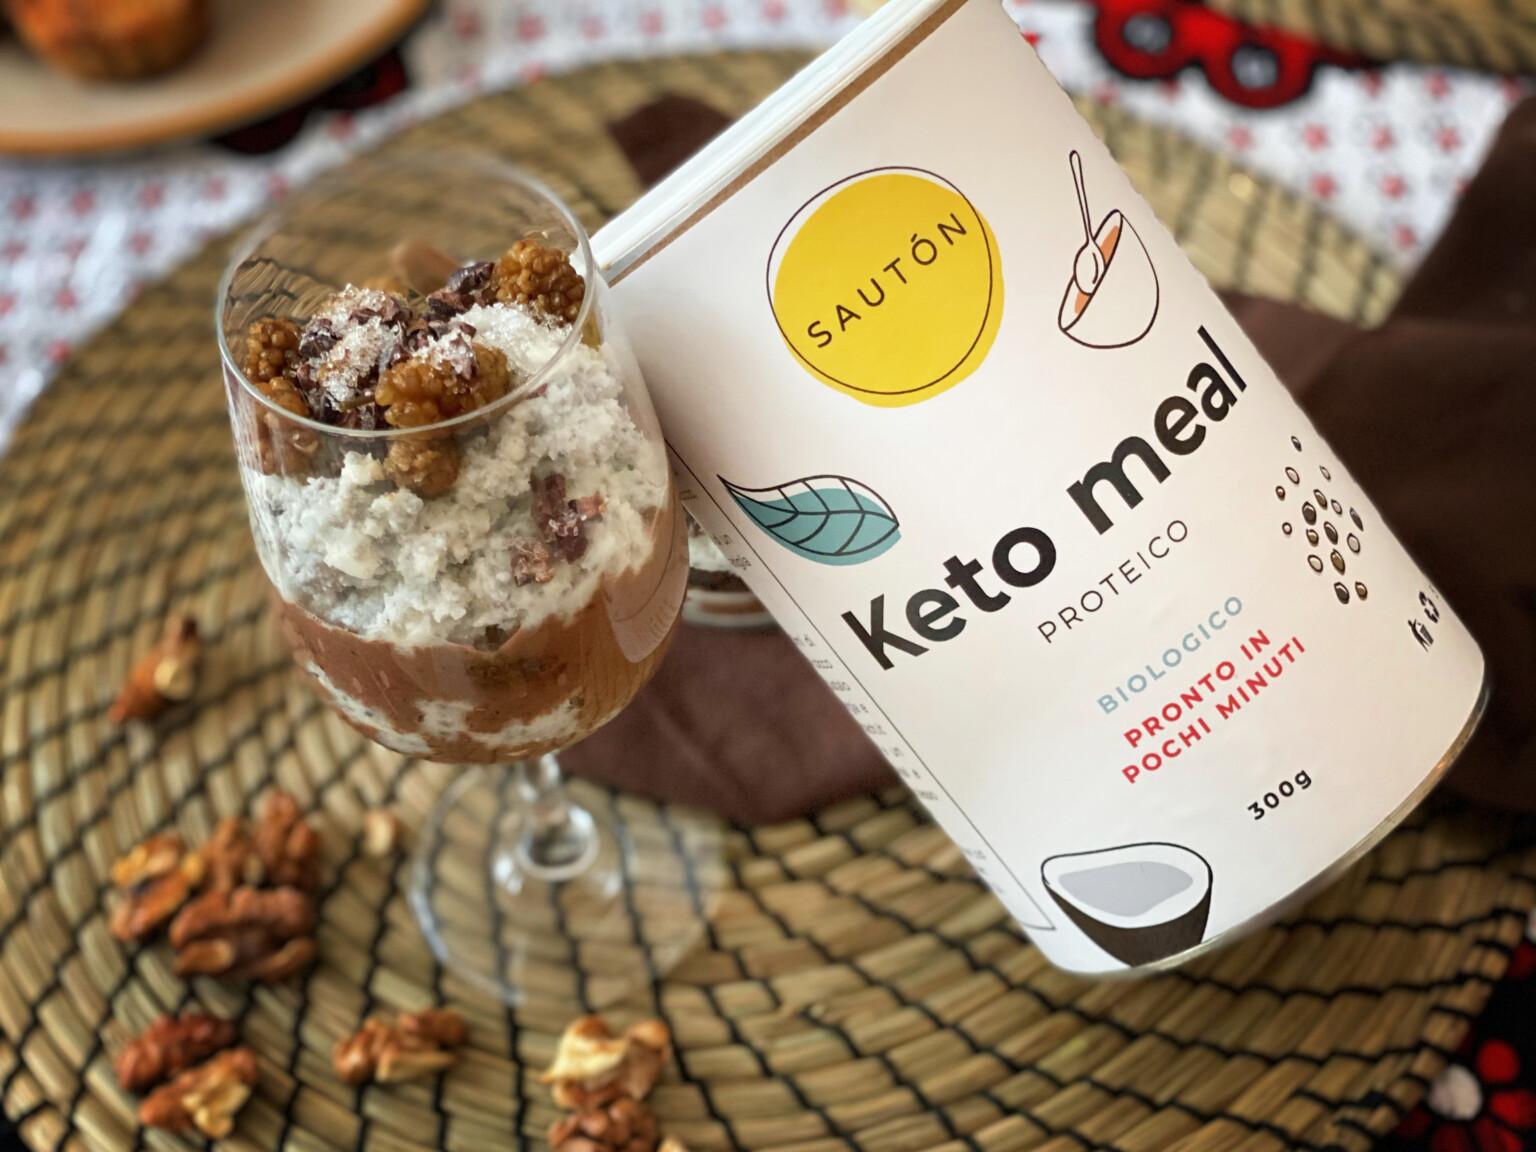 Ricette con proteine in polvere, Keto Meal al cacao